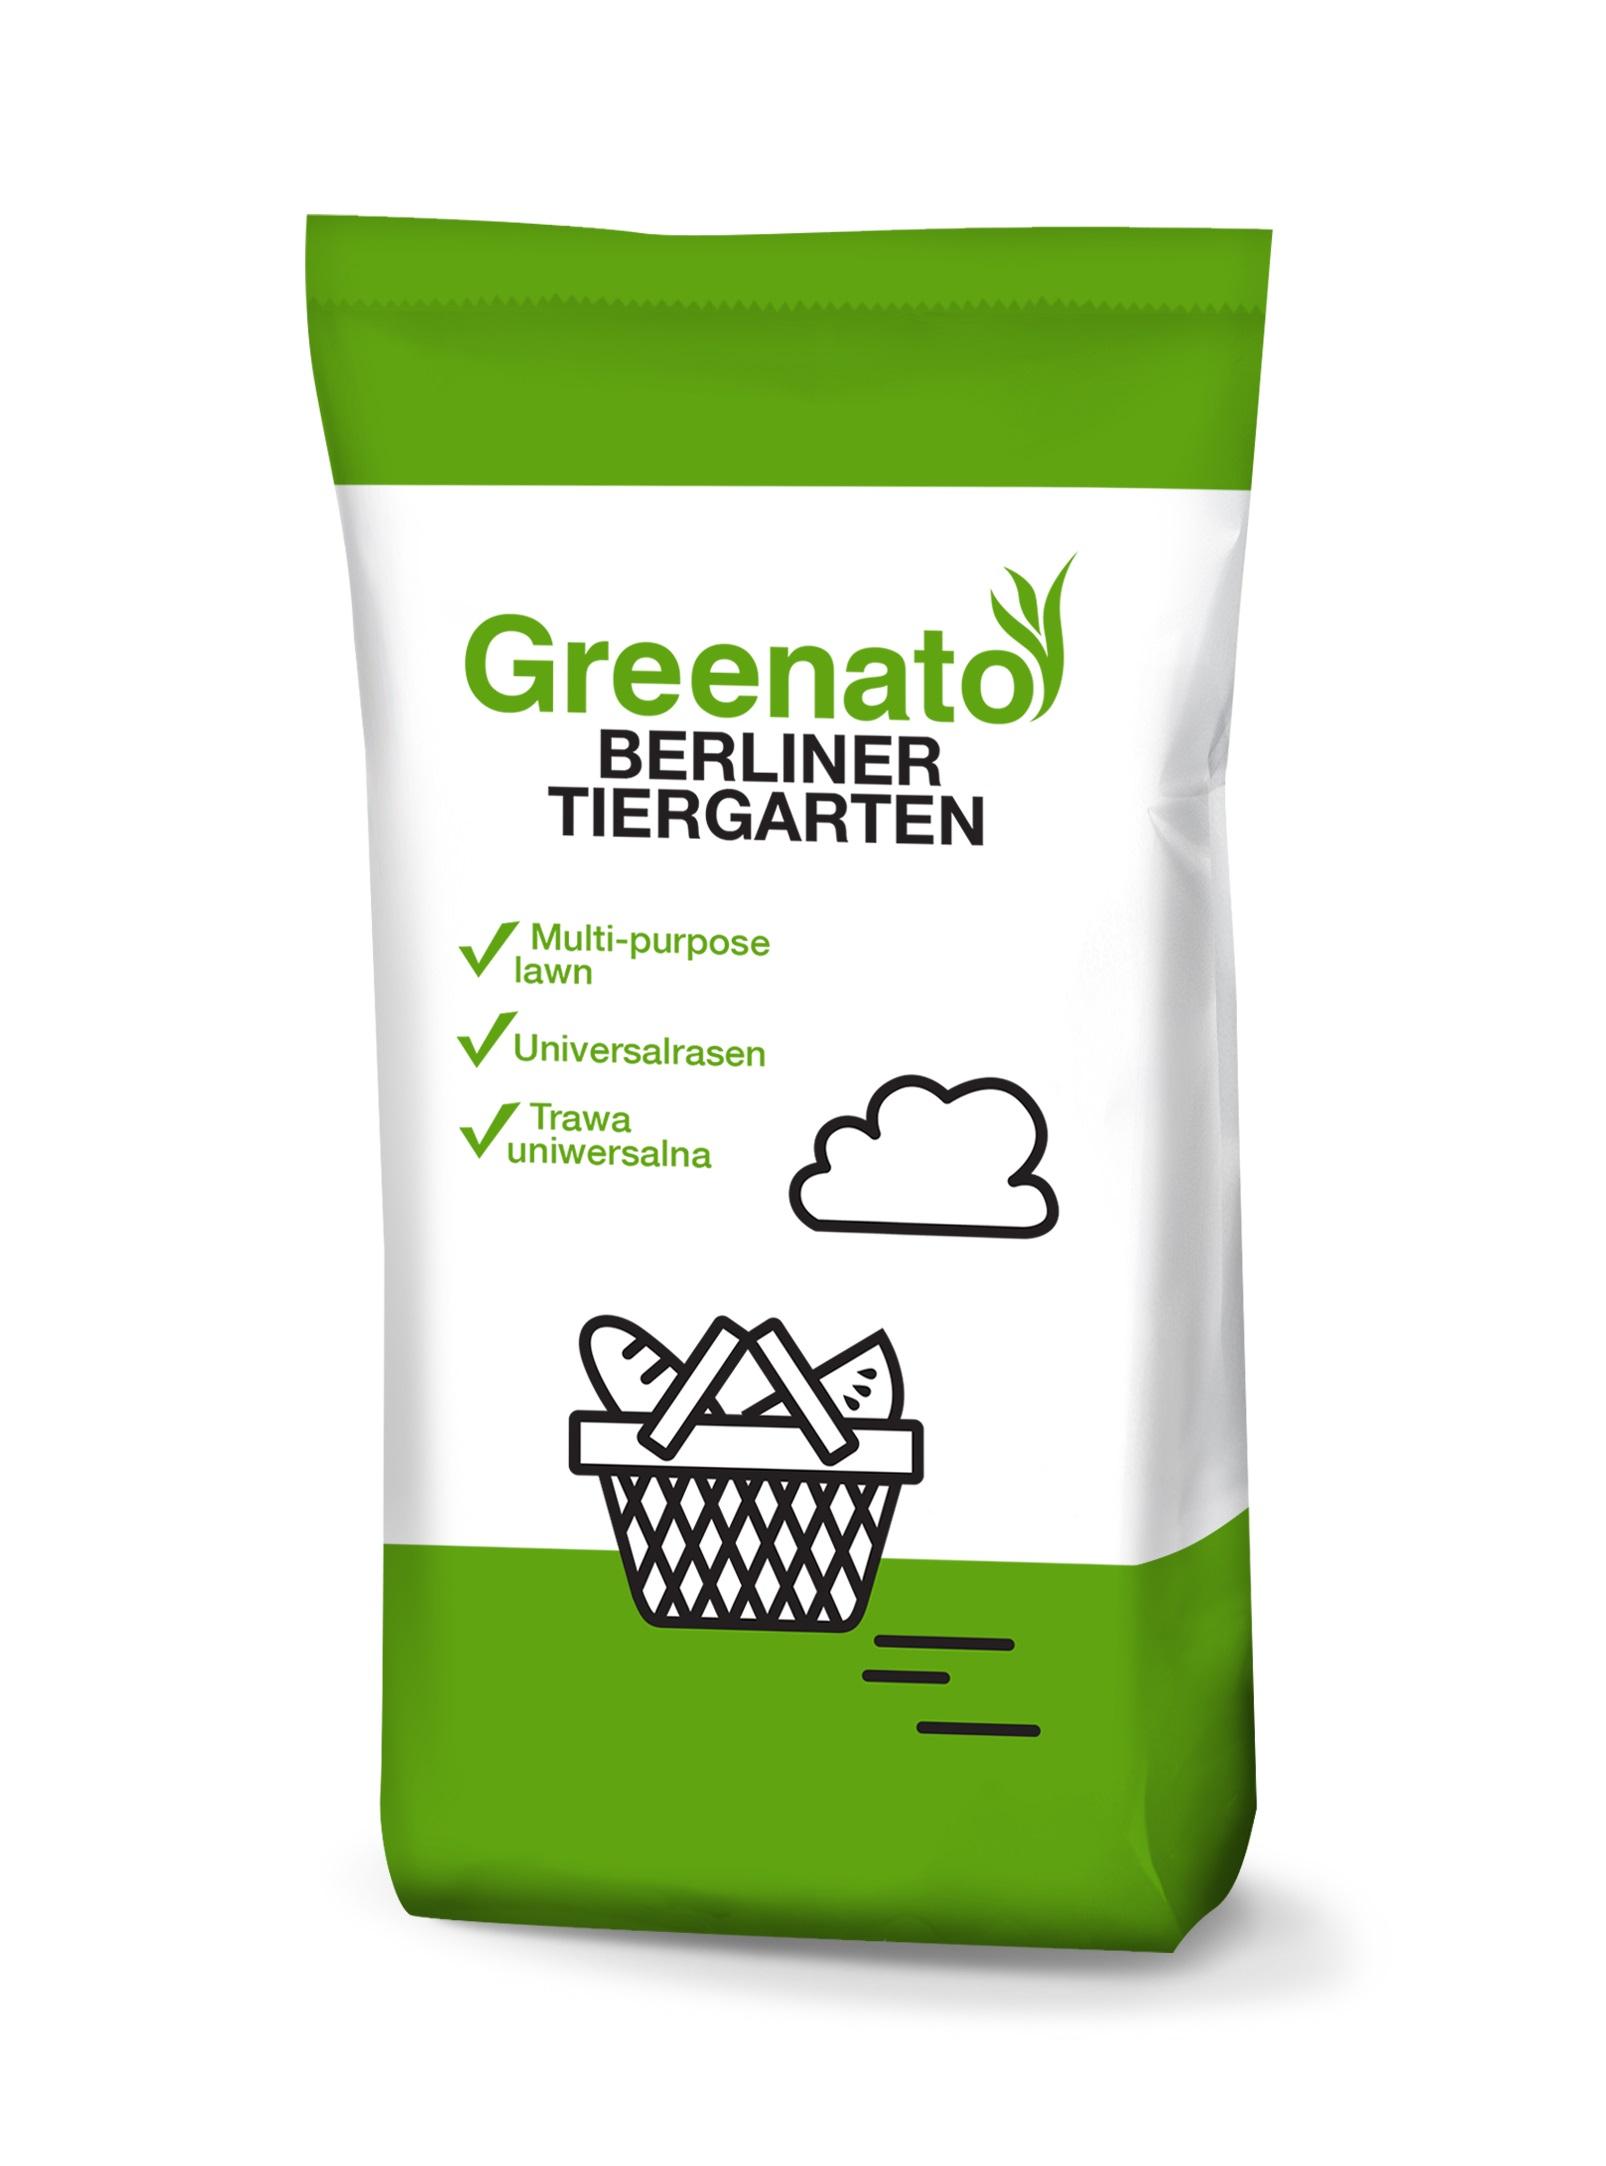 Rasensamen Greenato Berliner Tiergarten 1kg - 30kg